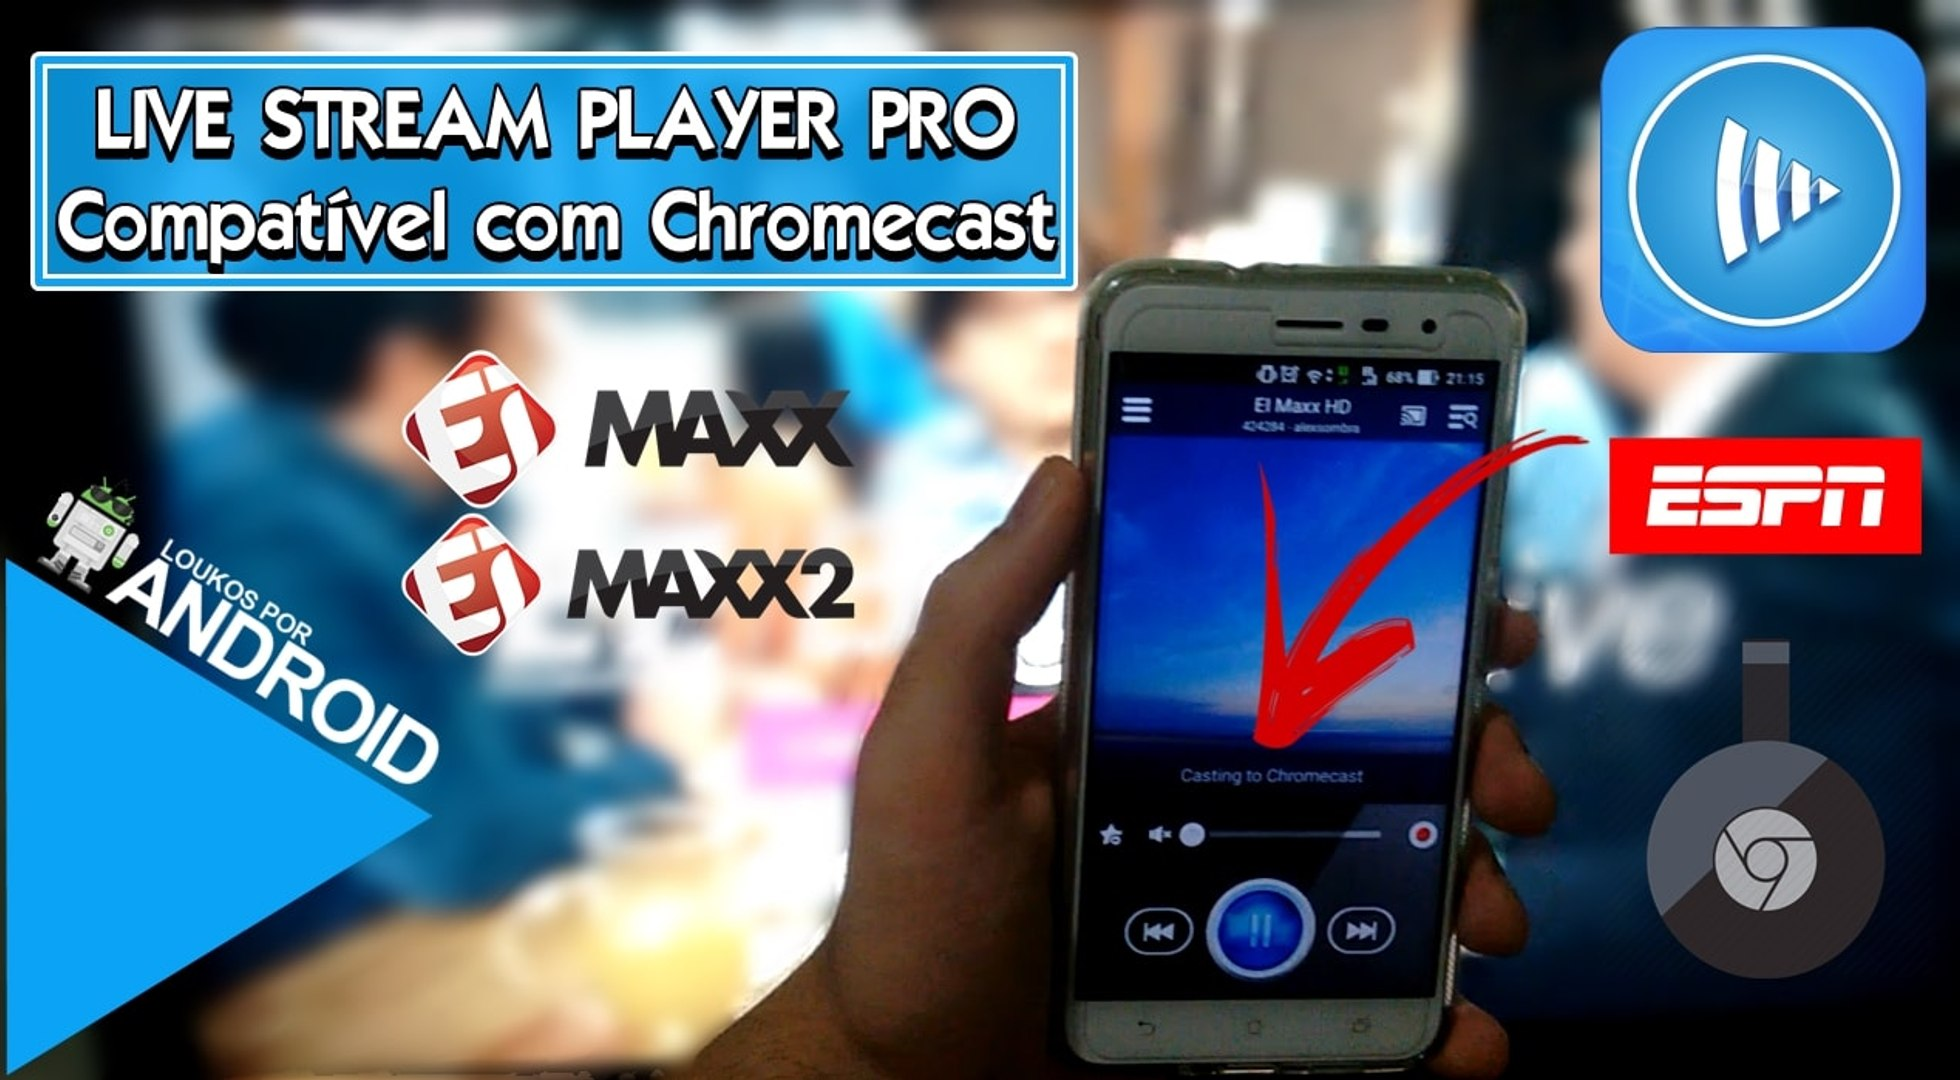 Live Stream Player Pro 3 7 - Chromecast